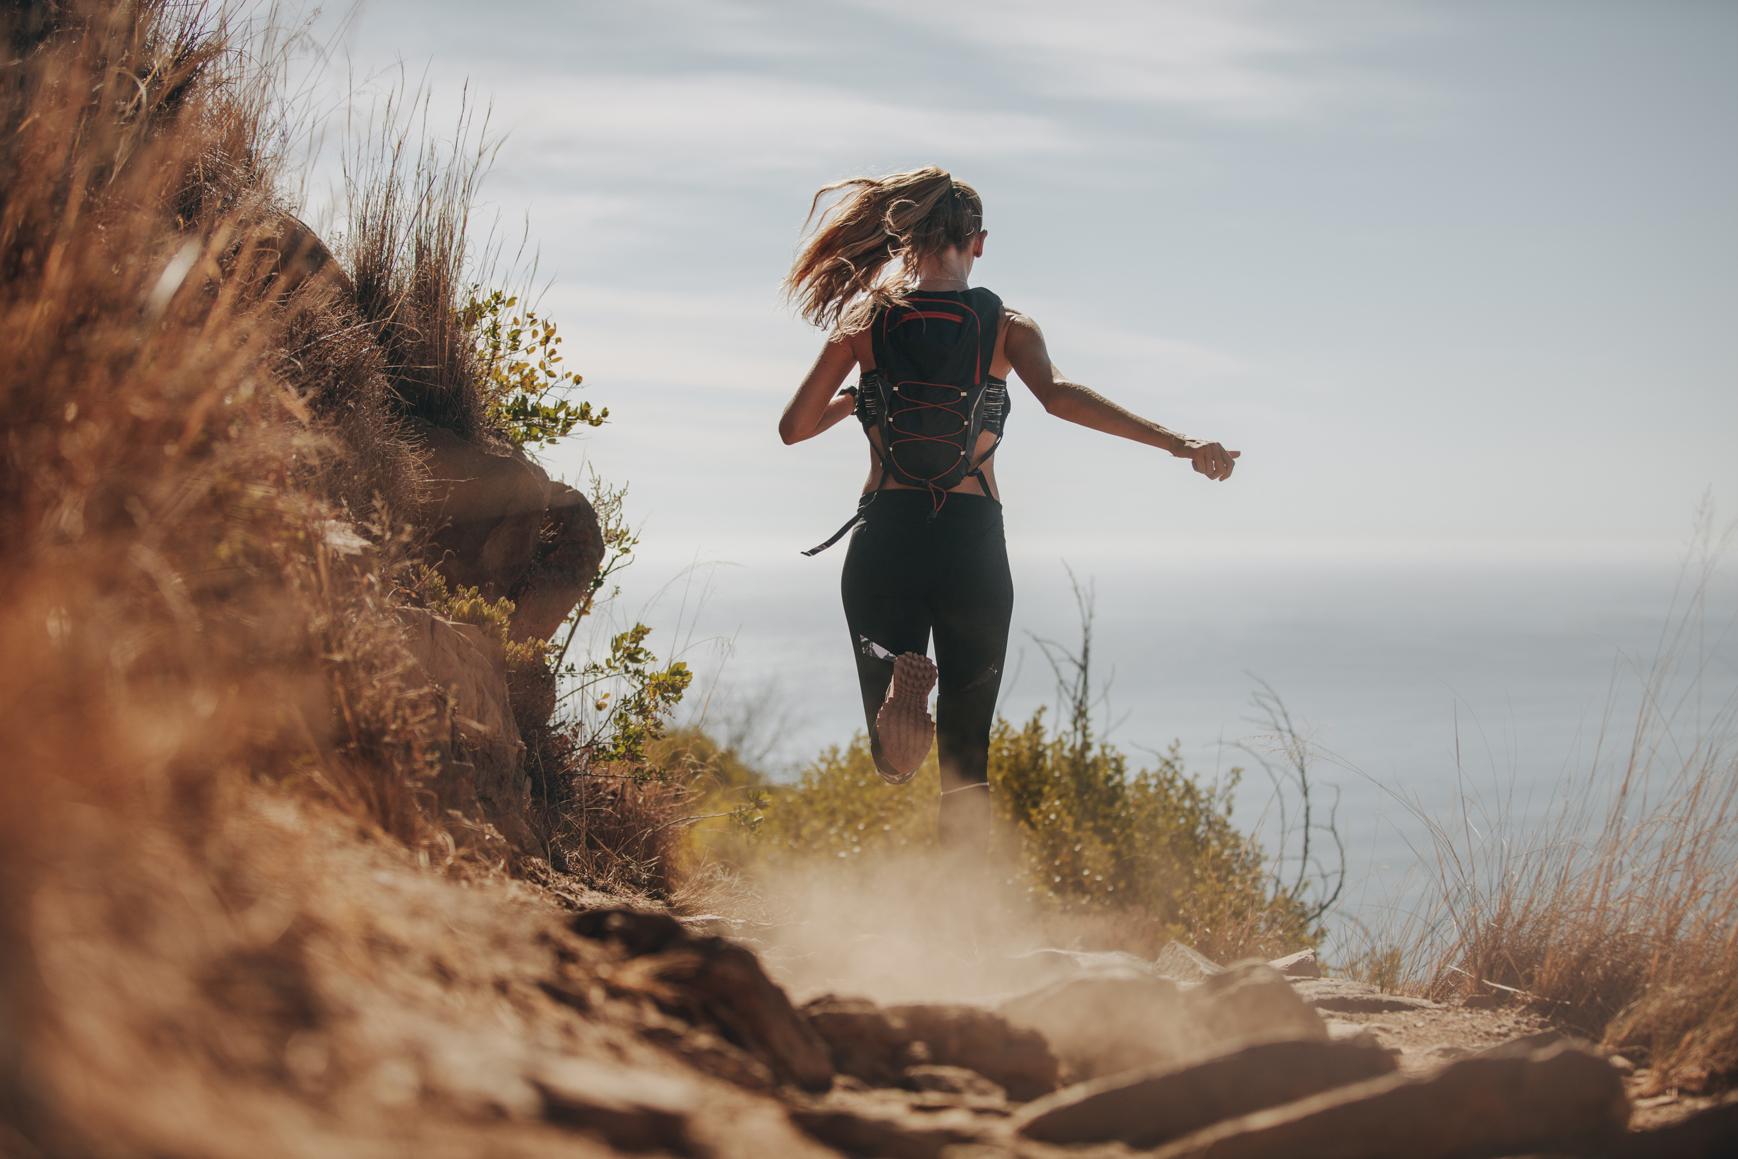 kauno-trail-running.jpg